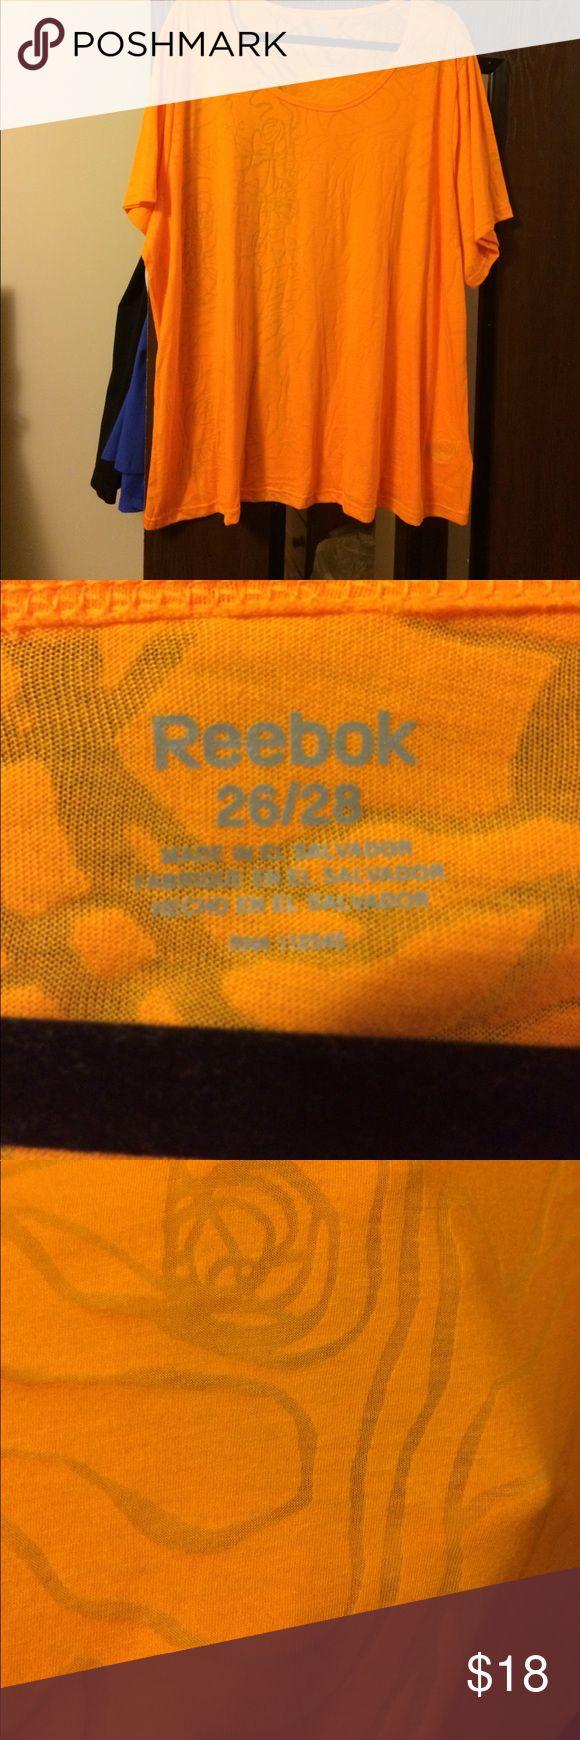 Reebok Orange Tee Reebok Orange Tee, size 26/28.  Sheer in some parts of pattern.  Never worn Reebok Tops Tees - Short Sleeve